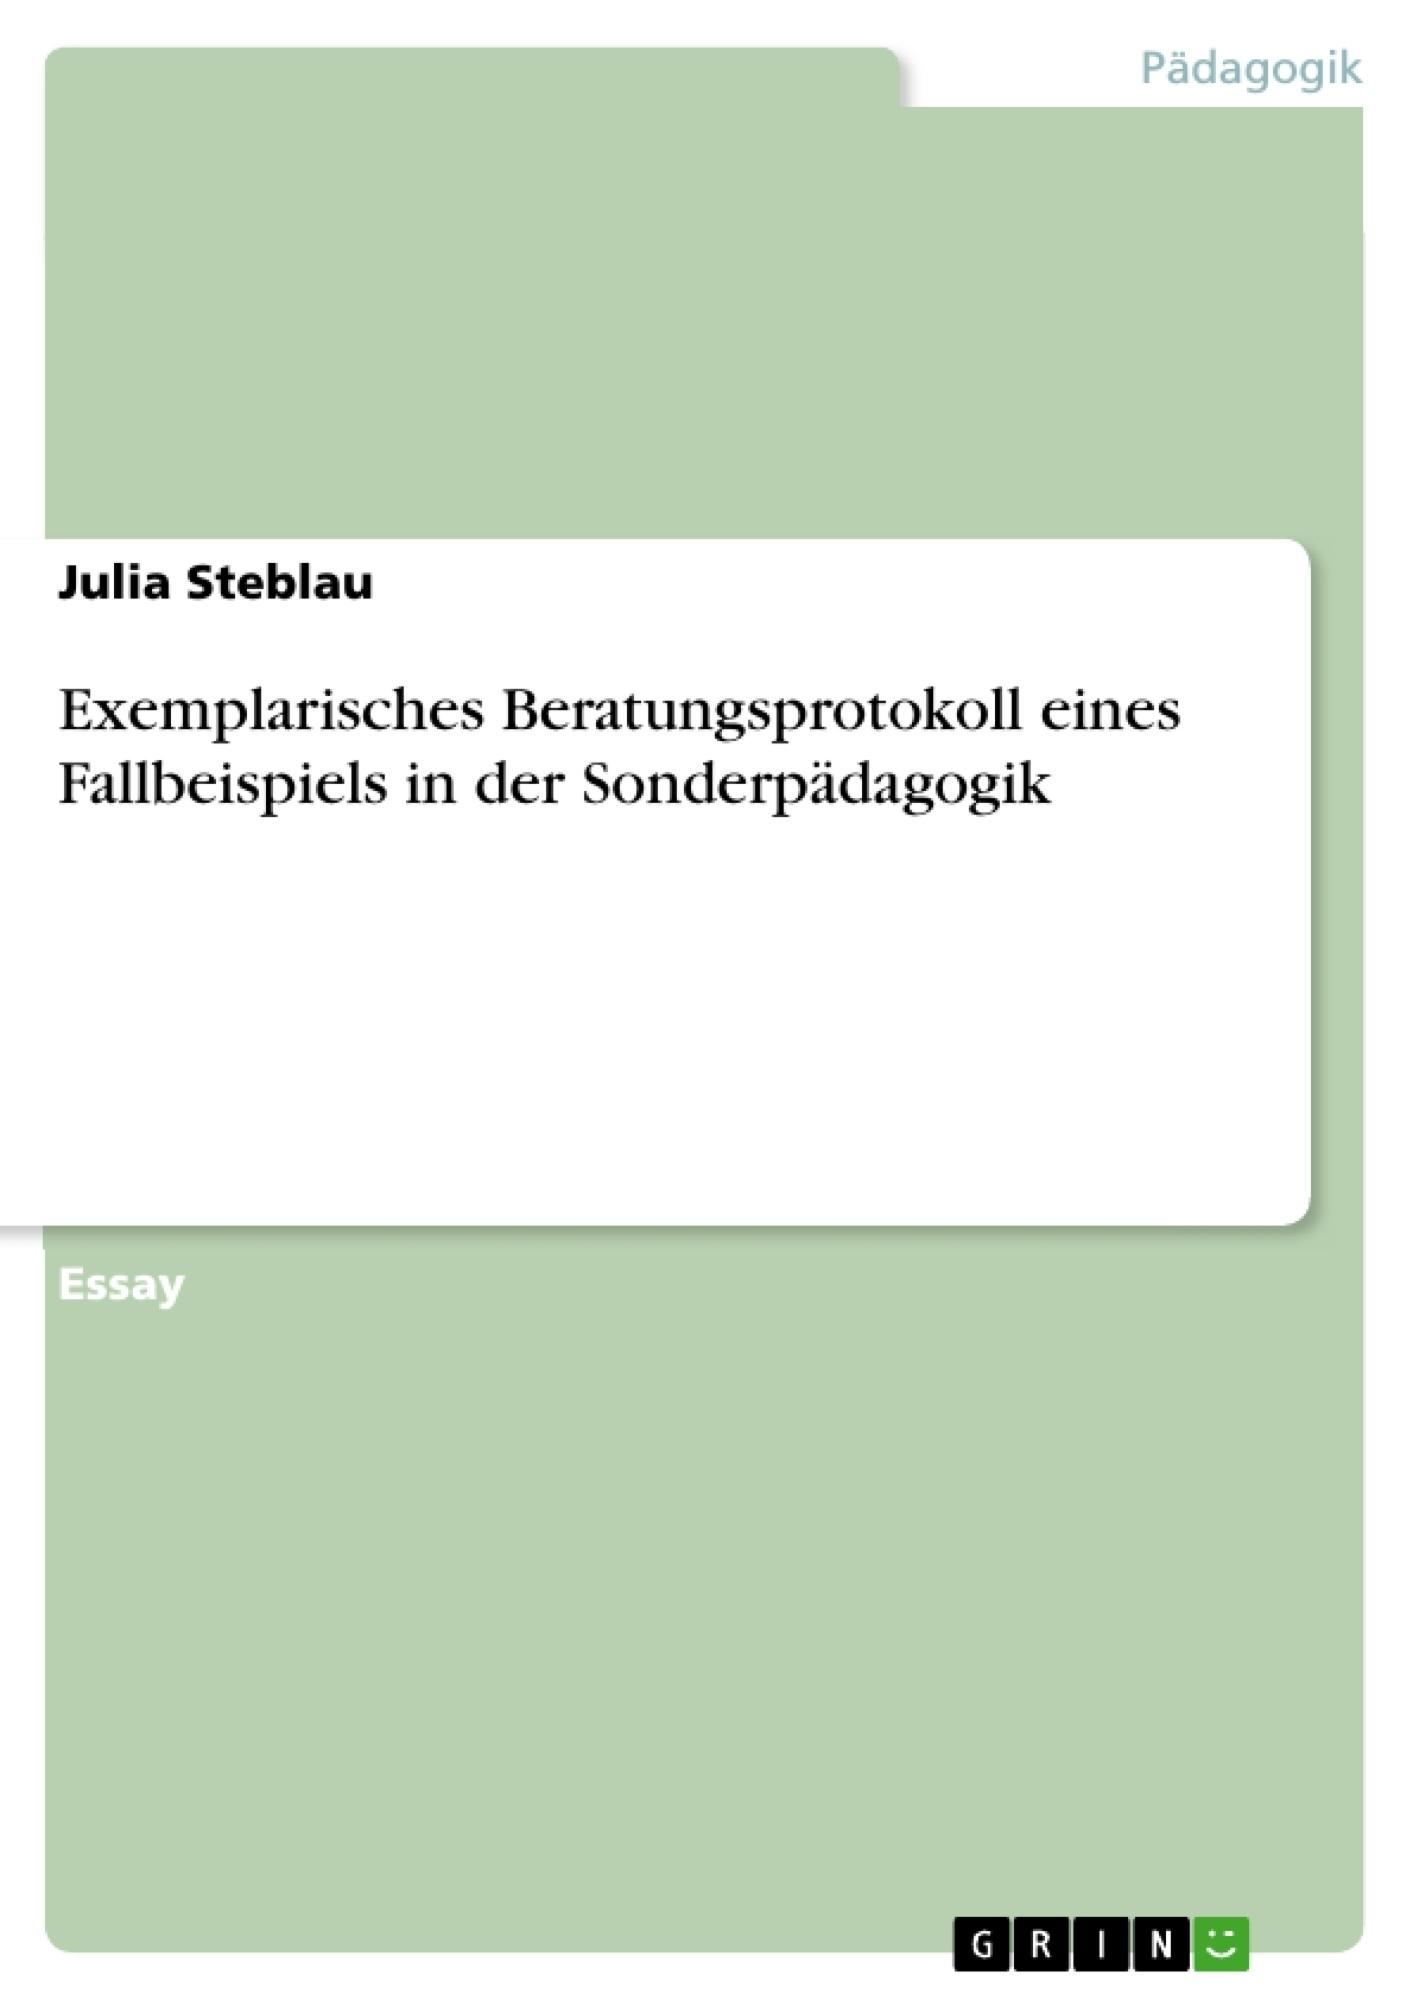 Titel: Exemplarisches Beratungsprotokoll eines Fallbeispiels in der Sonderpädagogik